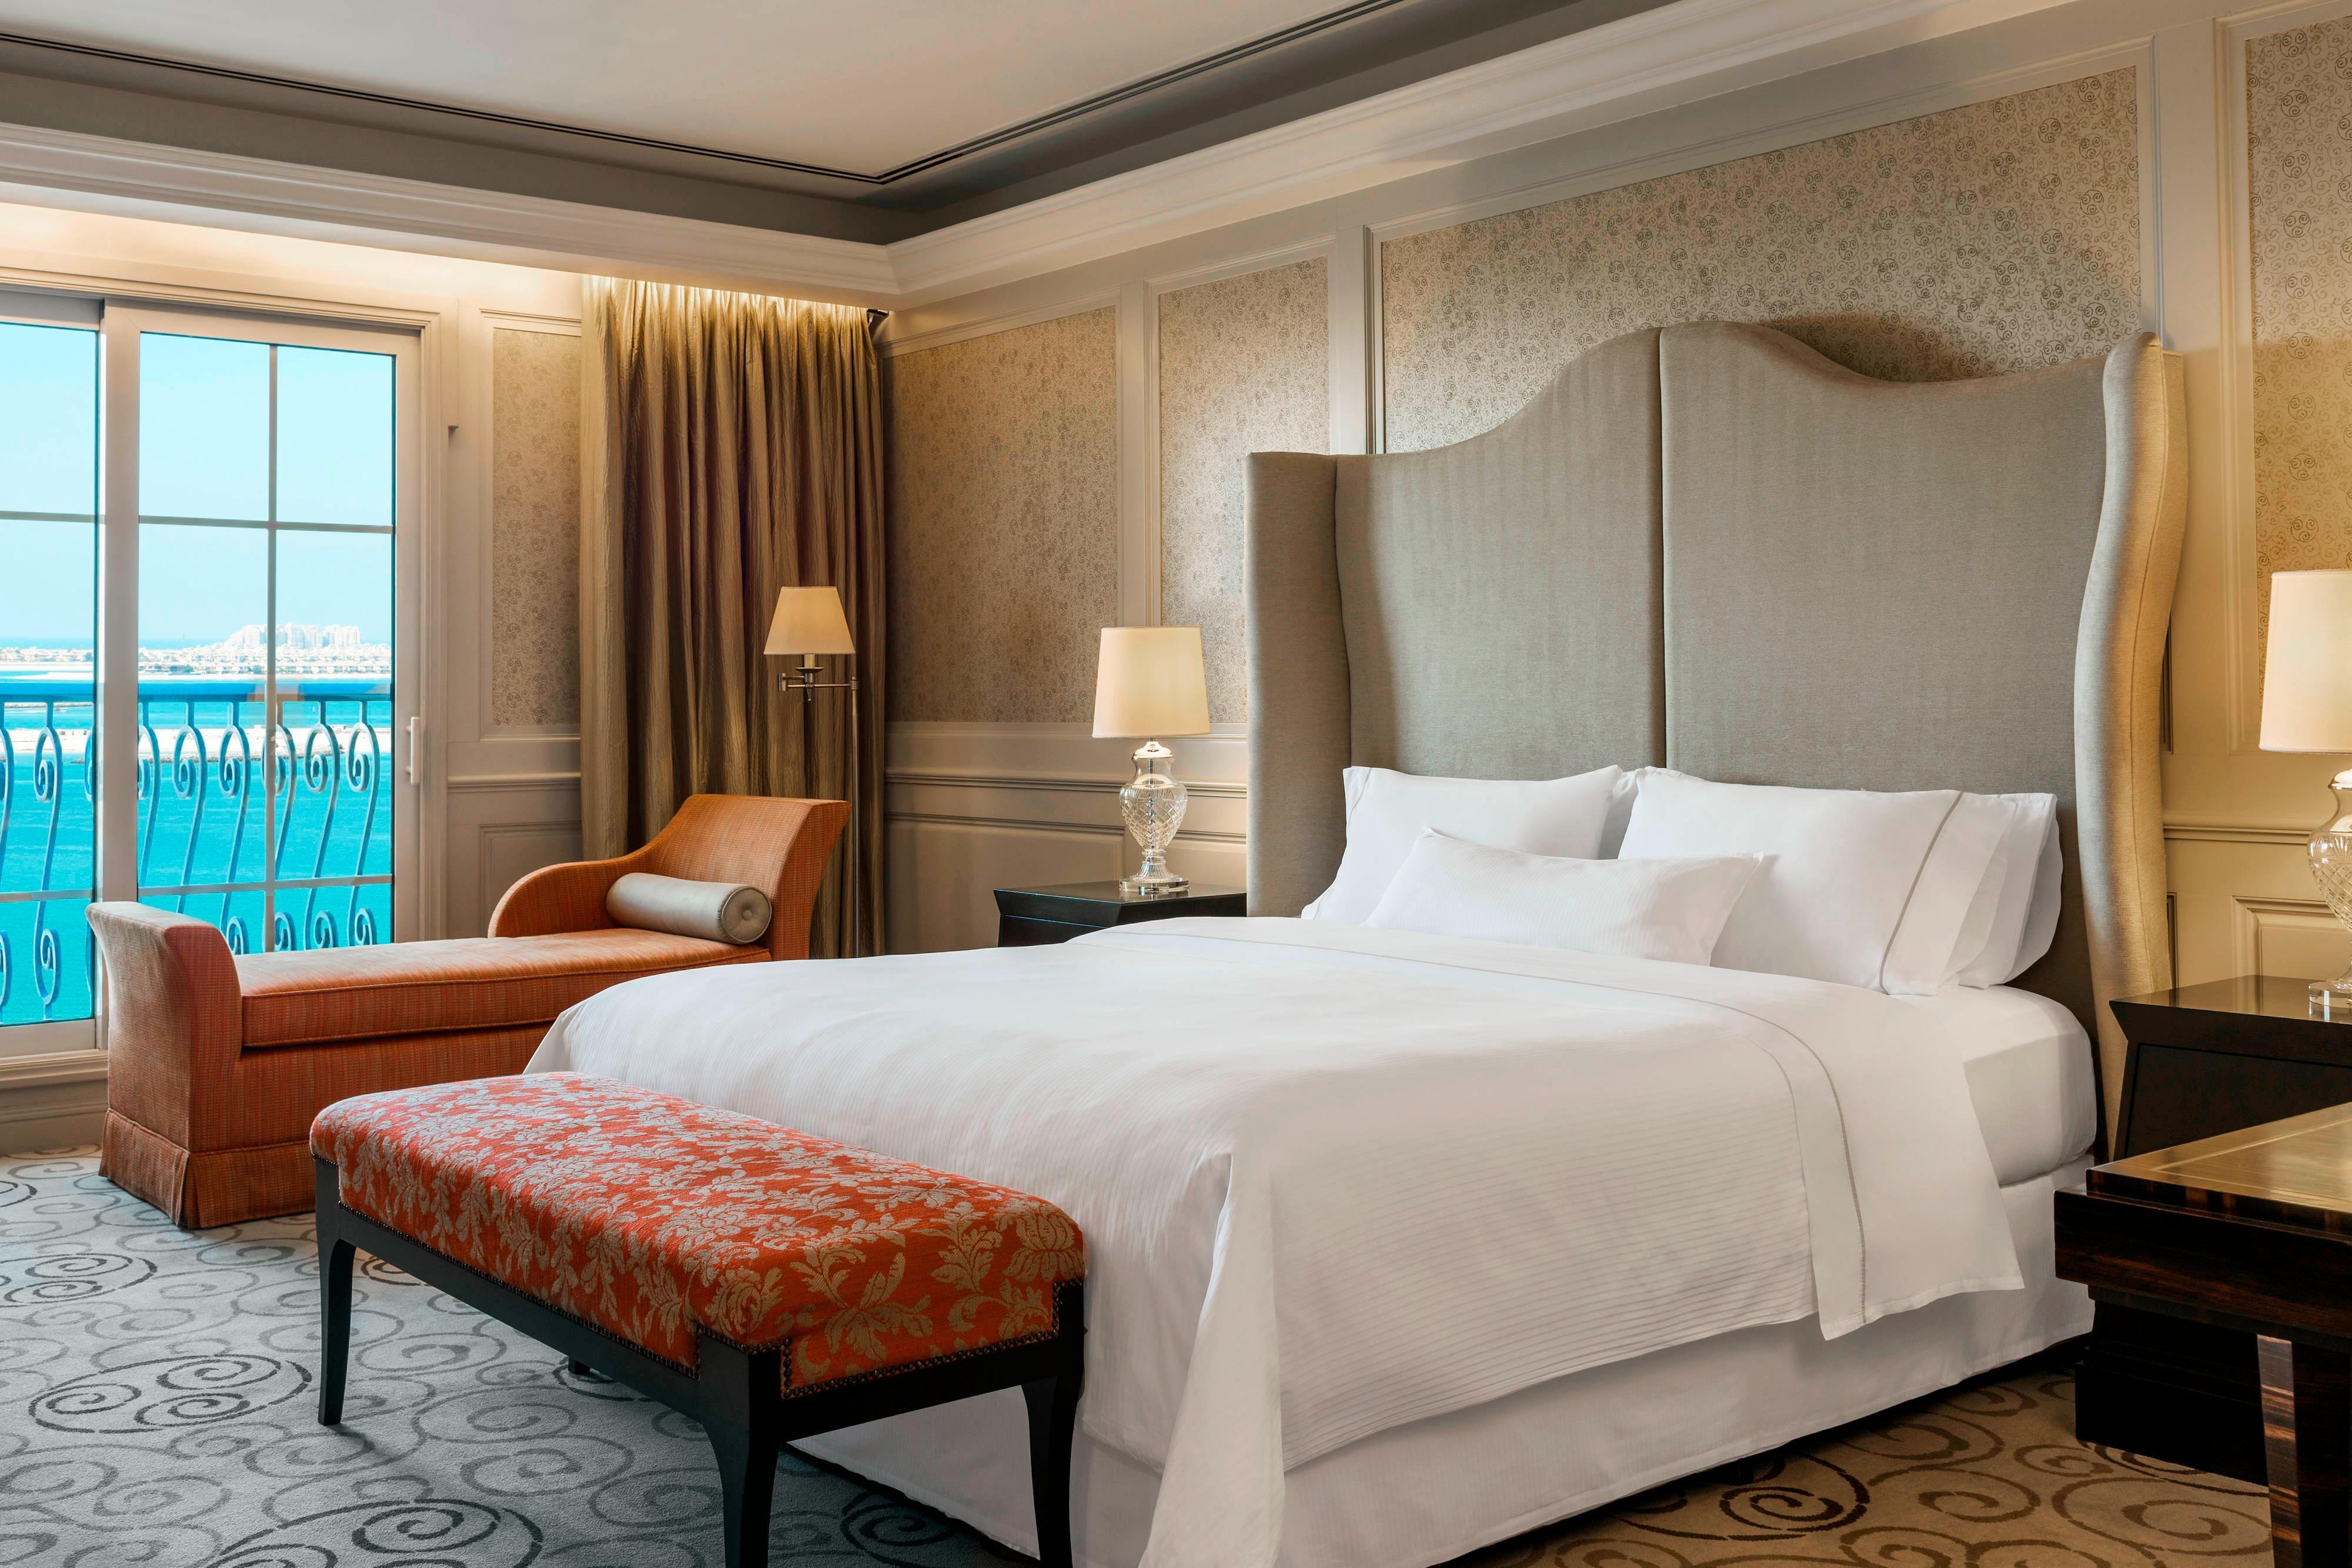 Westin Grande Suite - Bedroom